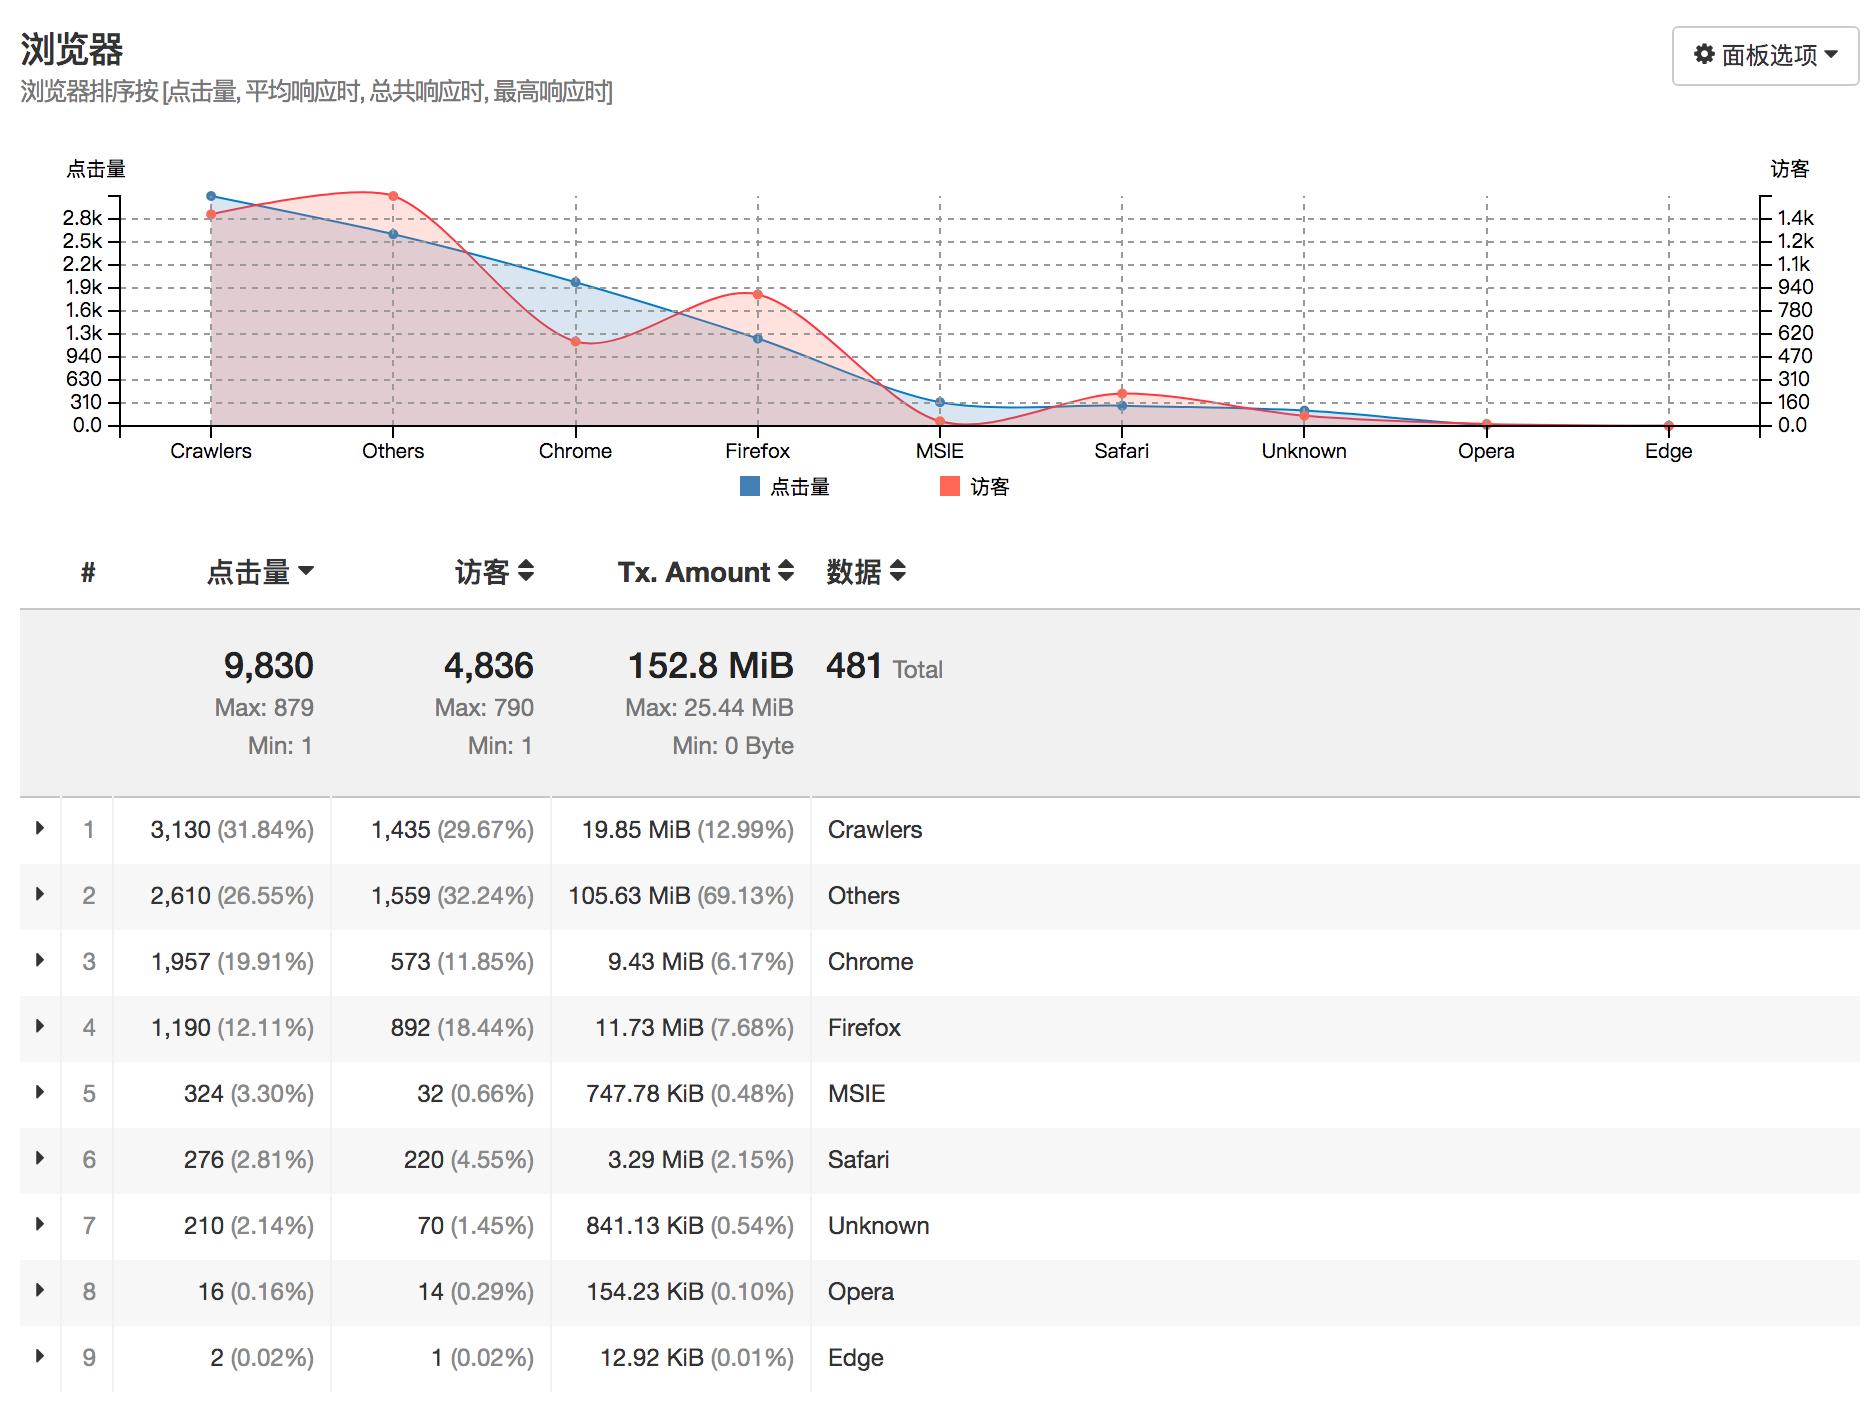 浏览器排序按 [点击量, 平均响应时, 总共响应时, 最高响应时]